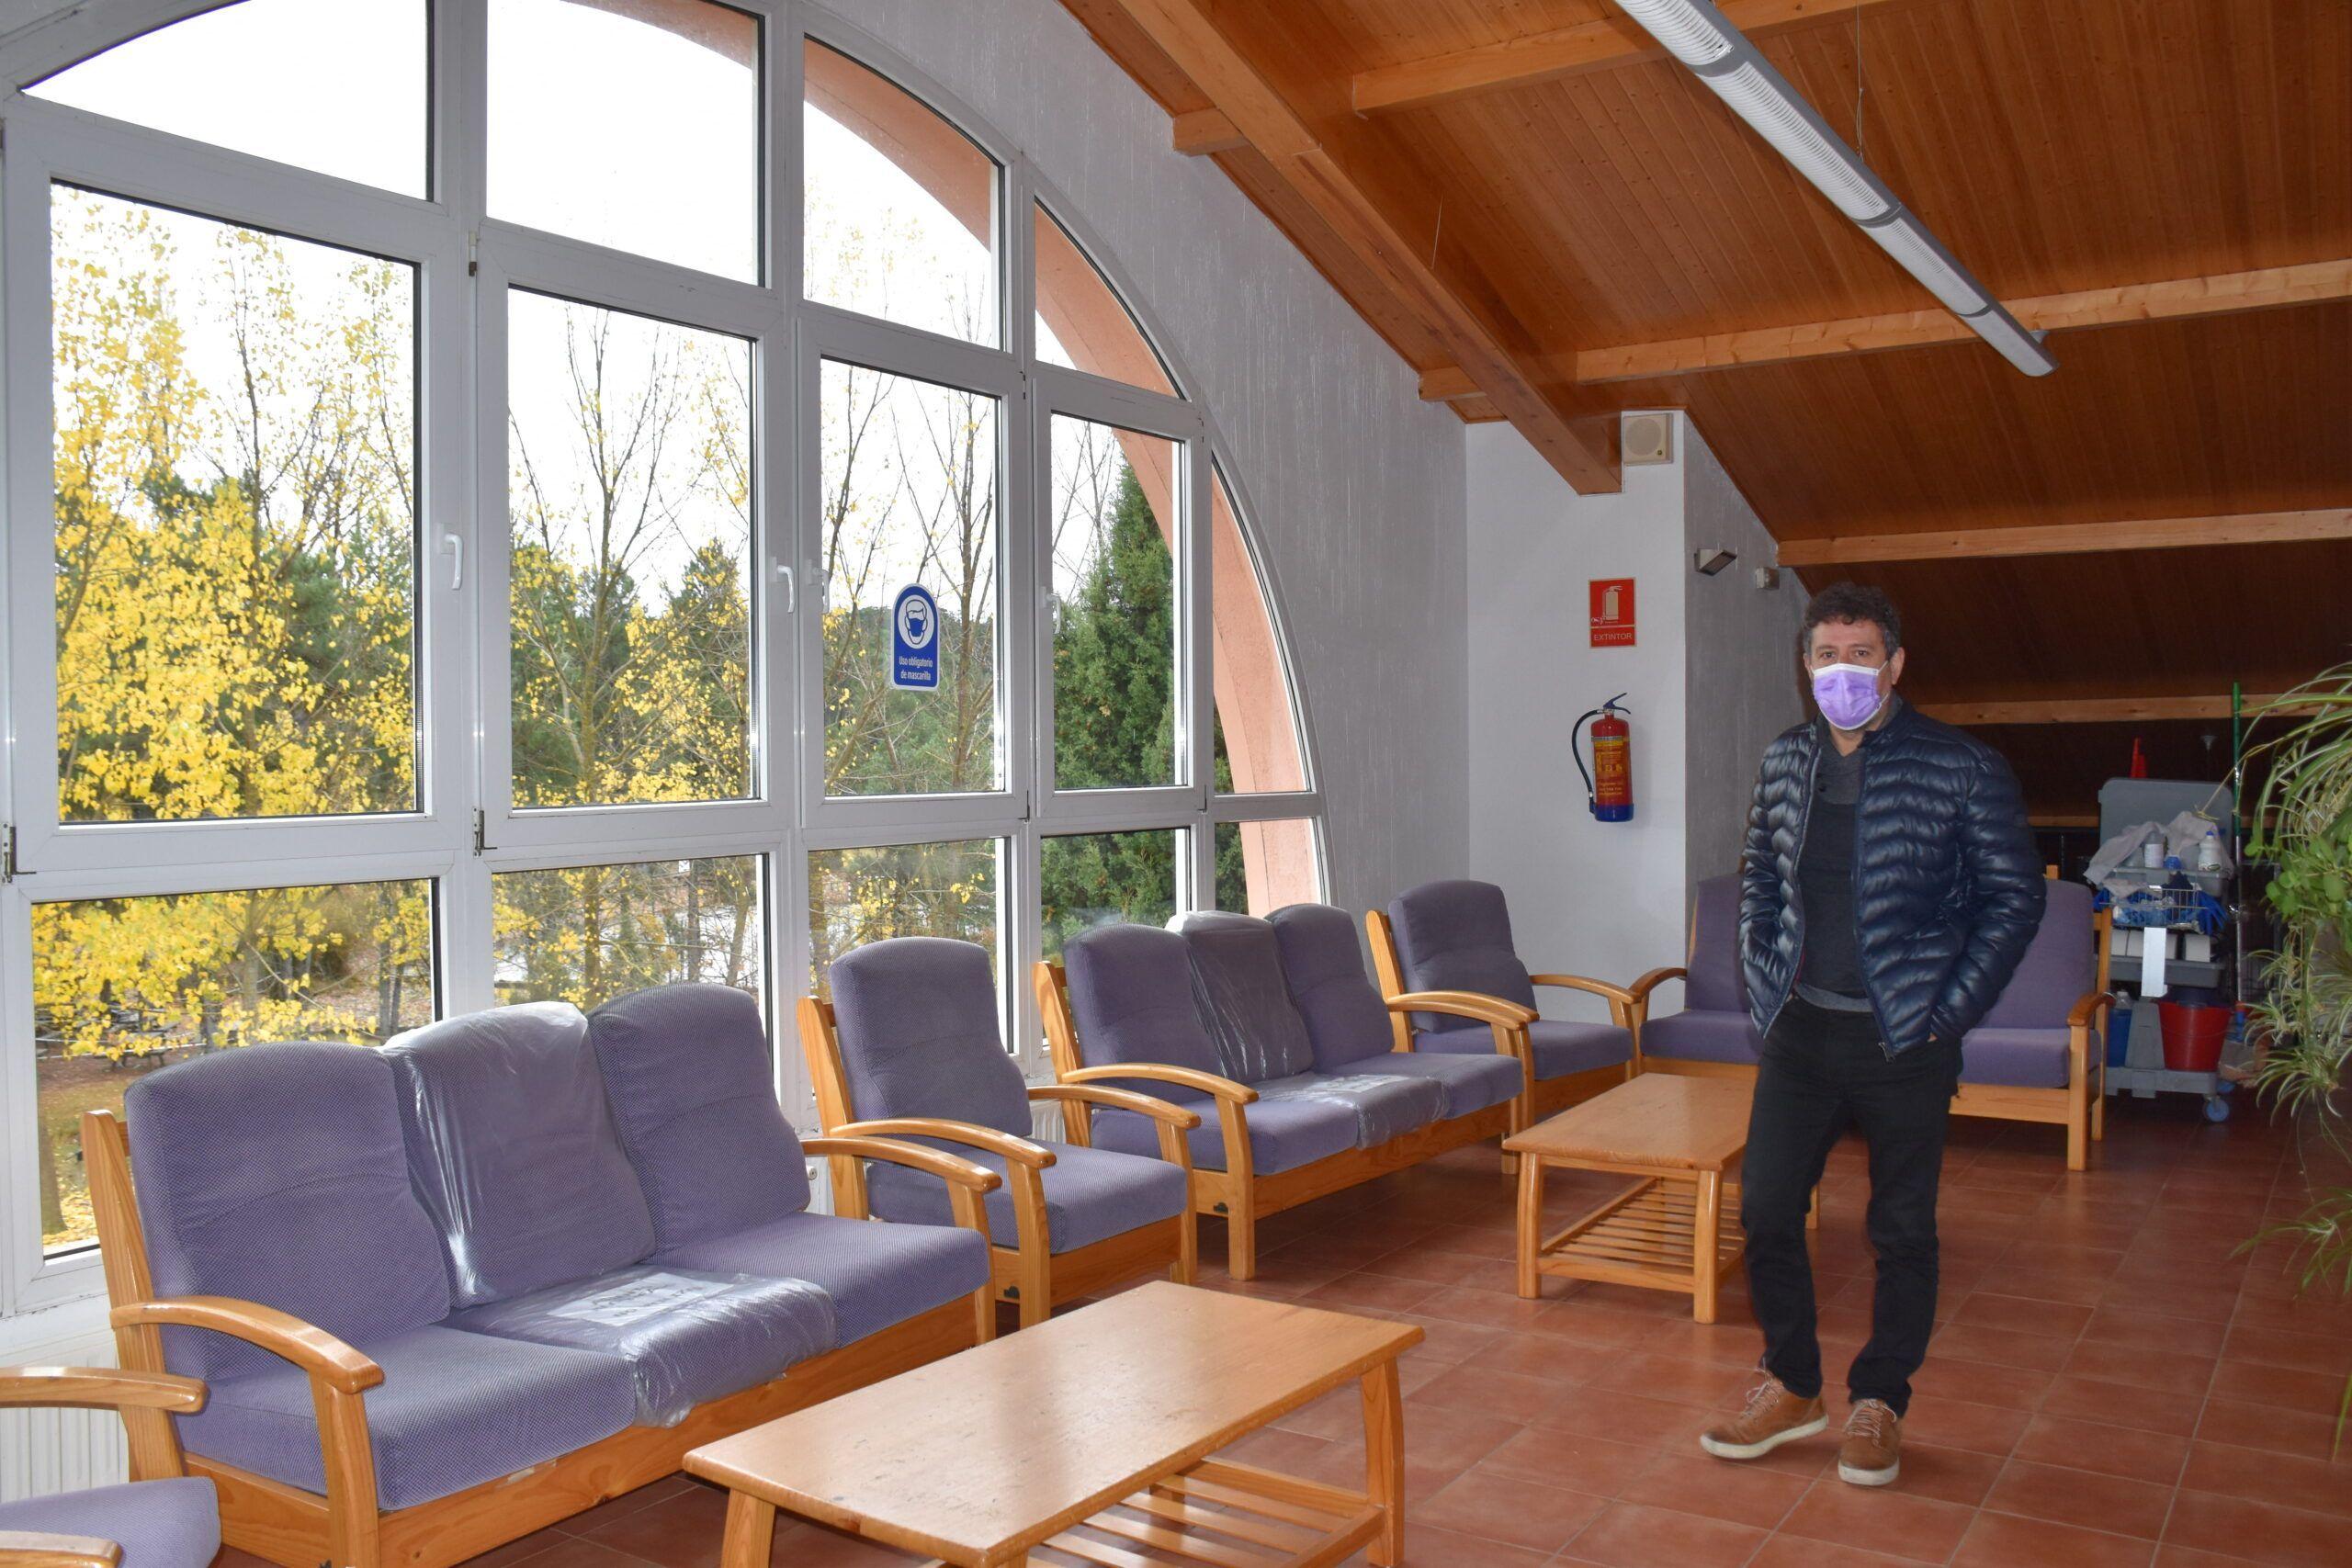 La Diputación de Cuenca abrirá a partir del próximo 24 de mayo el Albergue Provincial Fuente de las Tablas